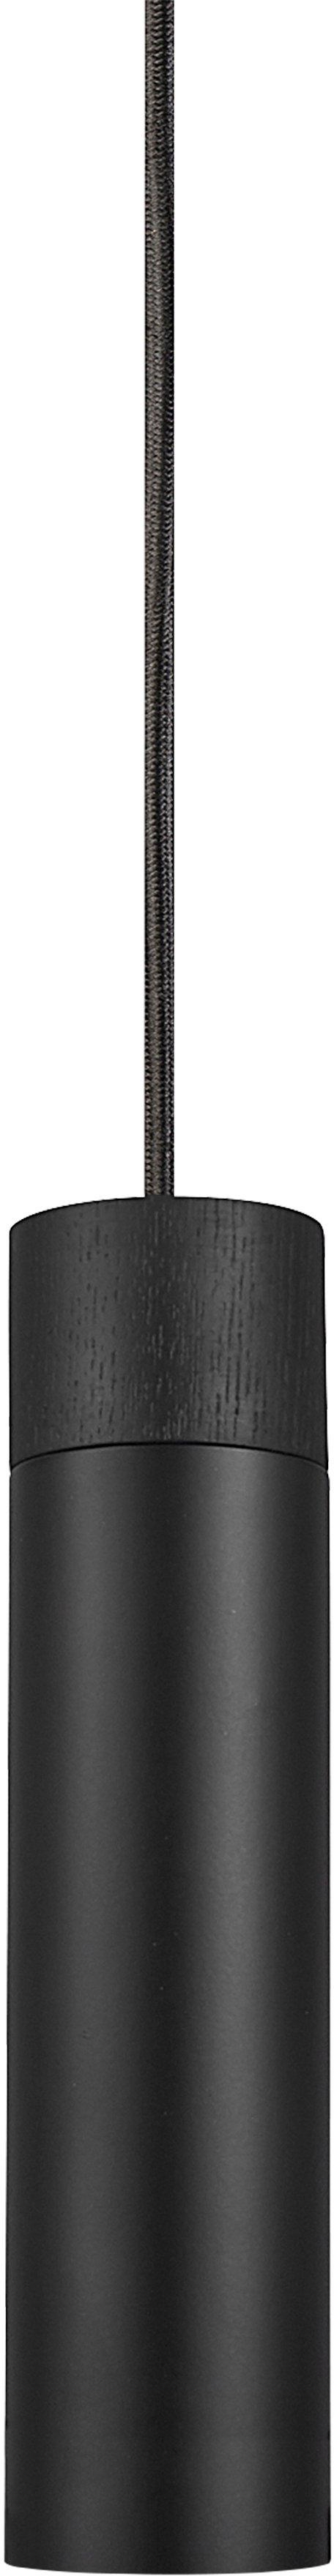 Nordlux hanglamp Tilo Hanglamp, FSC-hout es applicaties nu online kopen bij OTTO